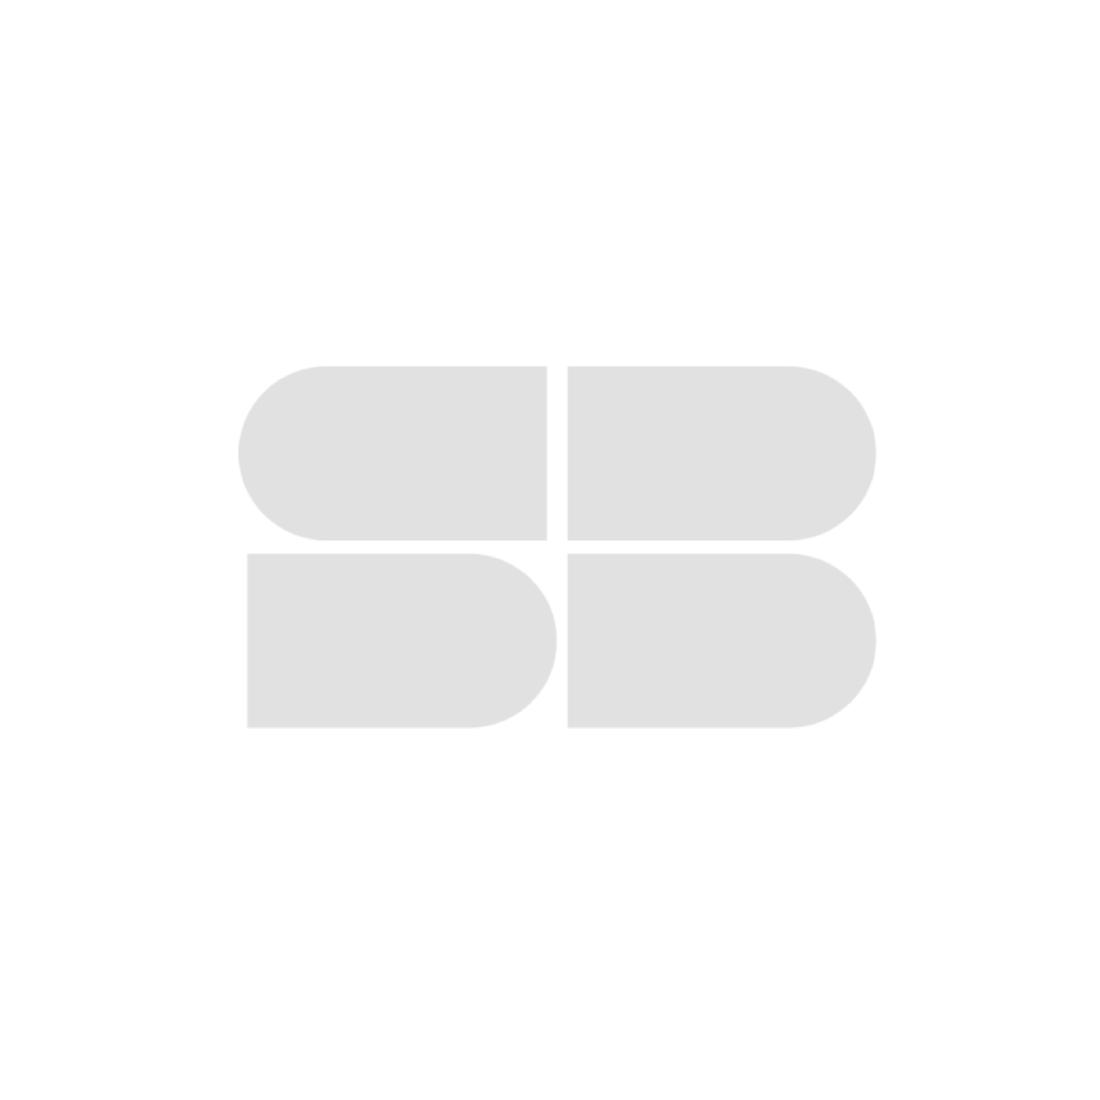 ที่นอน ที่นอนพ็อคเกตสปริง+โฟมสังเคราะห์ สีสีขาว-SB Design Square